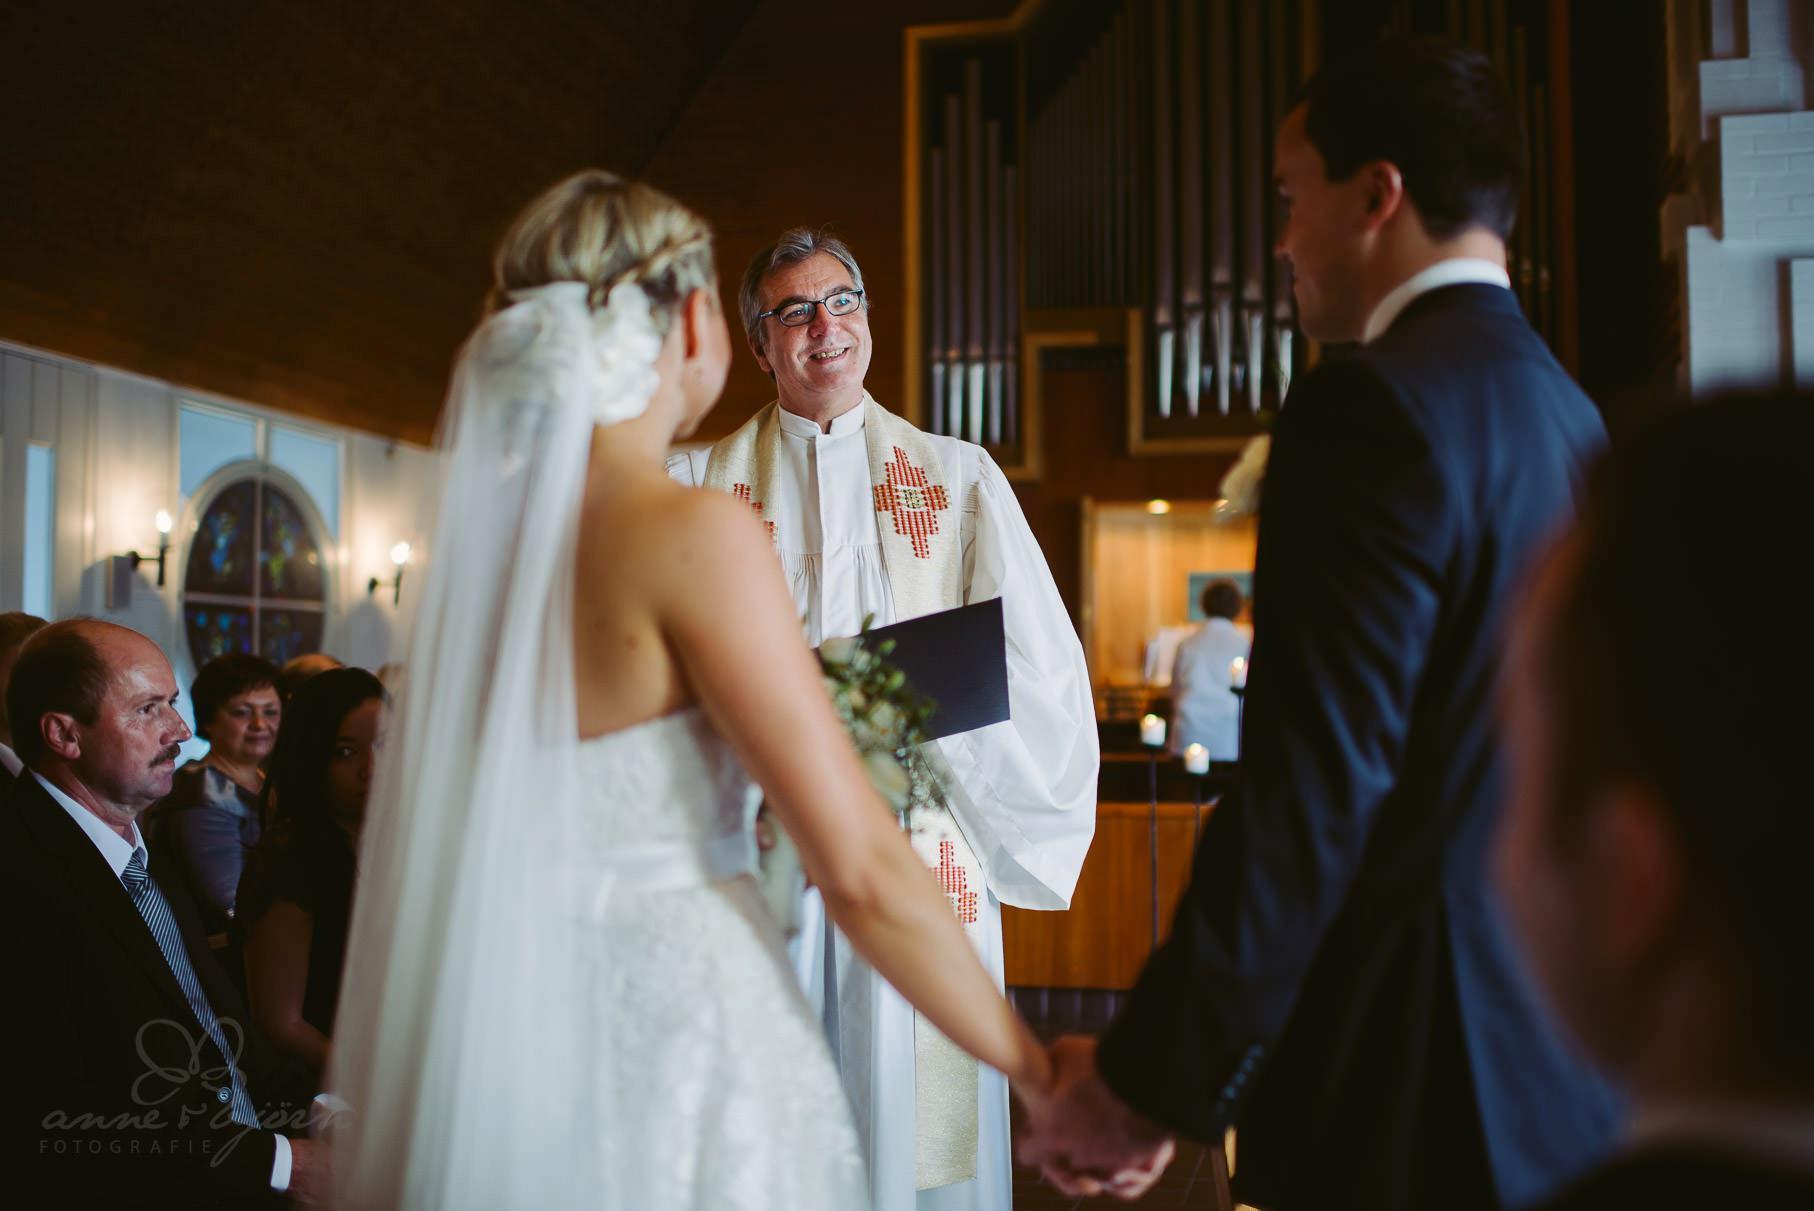 0021 euo 812 0253 - Hochzeit im Schloss Reinbek - Elvira & Olaf